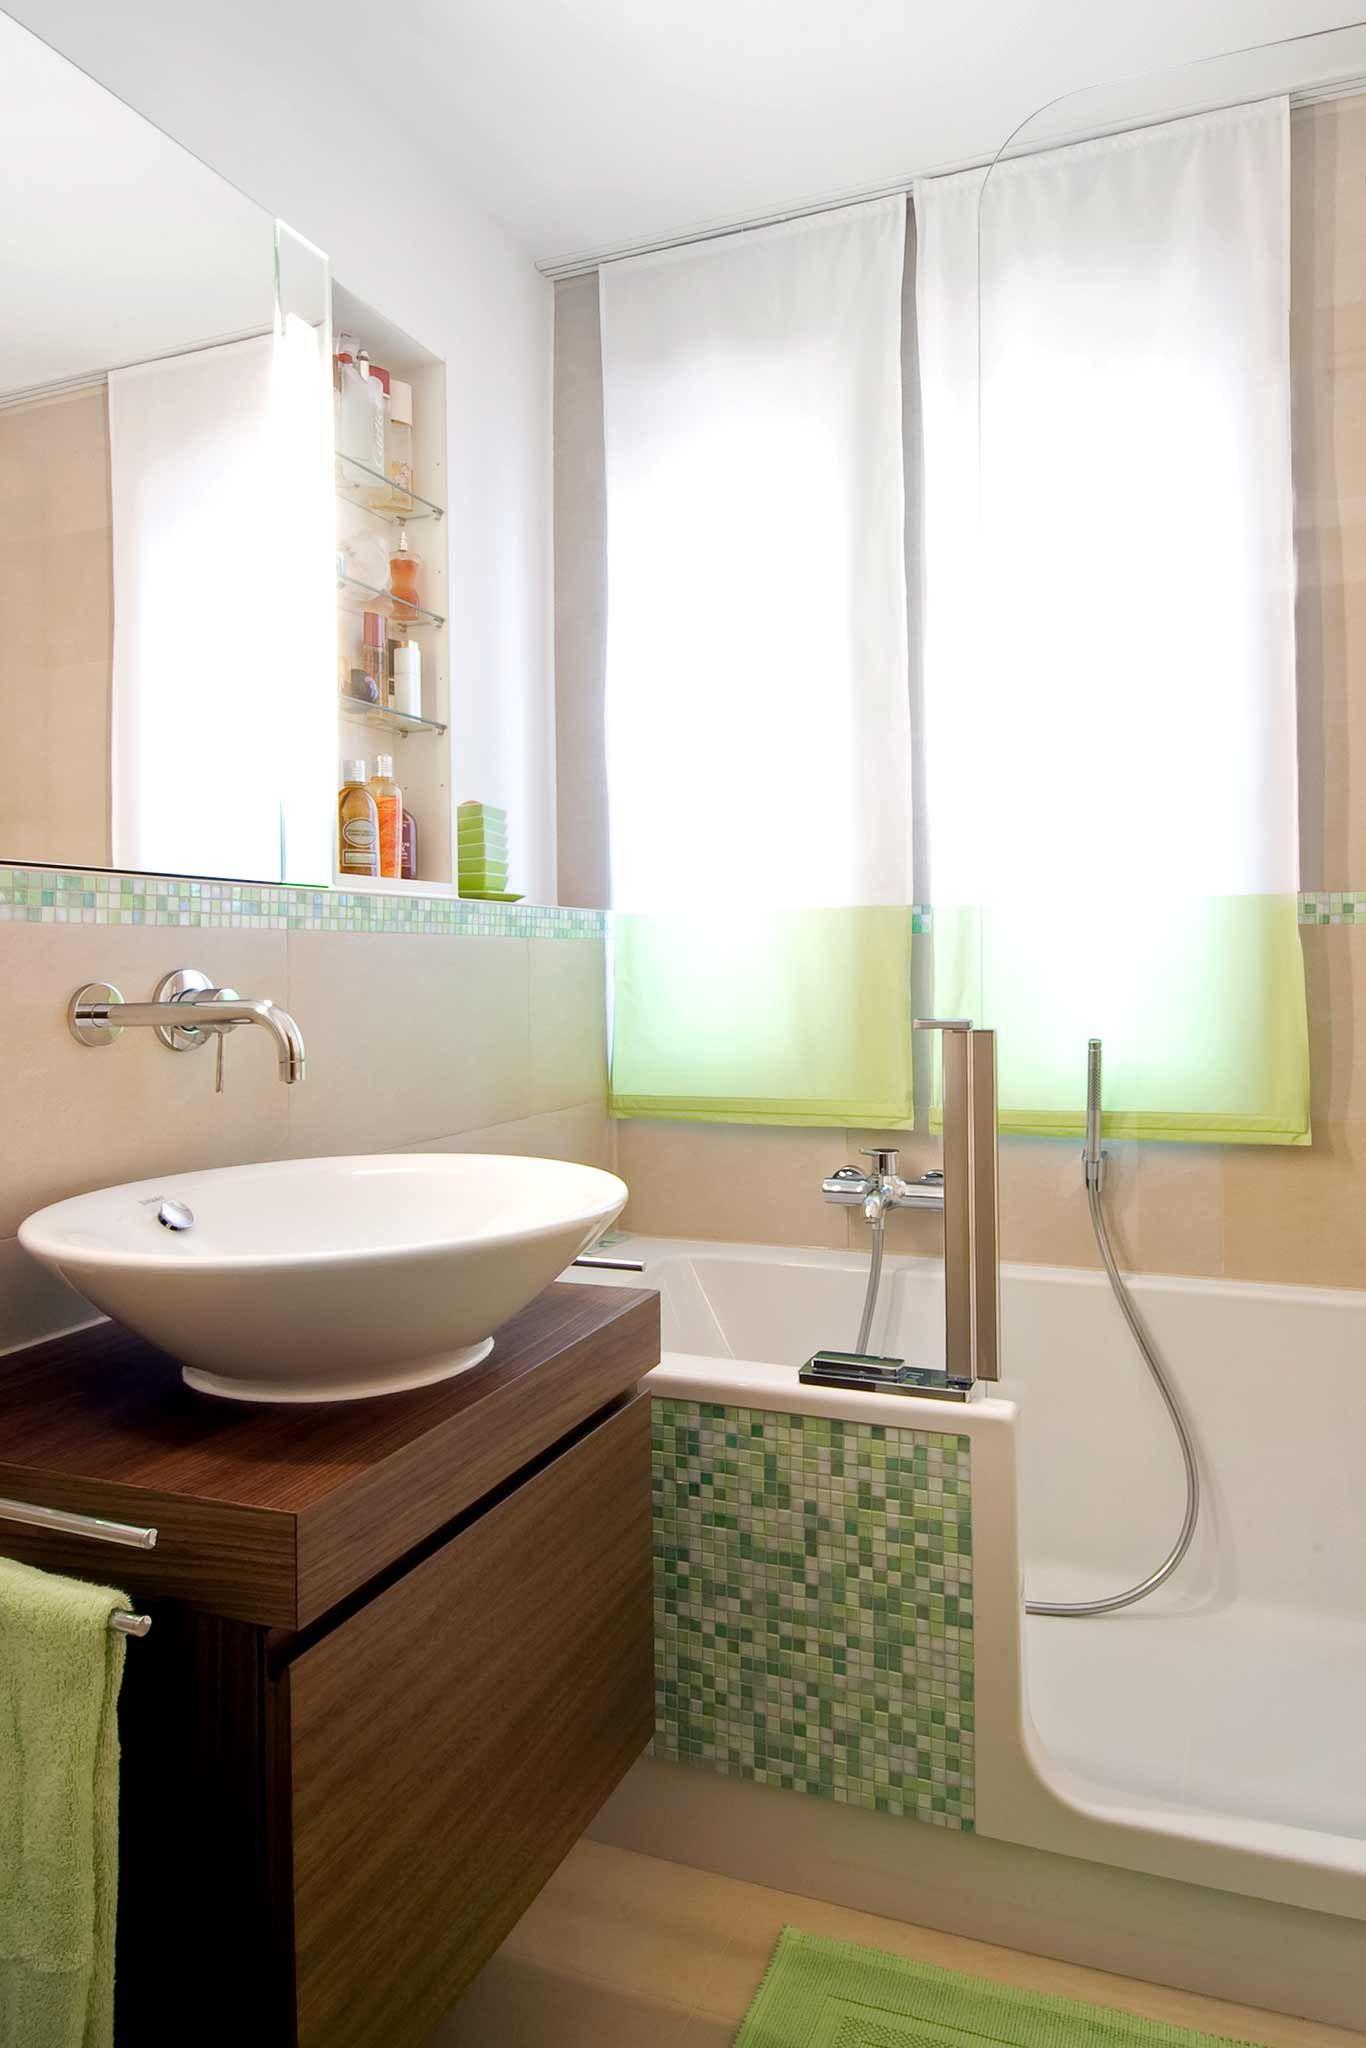 waschtisch aus holz mit runden aufsatzwaschbecken dahinter badewanne mit t r an der front gr. Black Bedroom Furniture Sets. Home Design Ideas